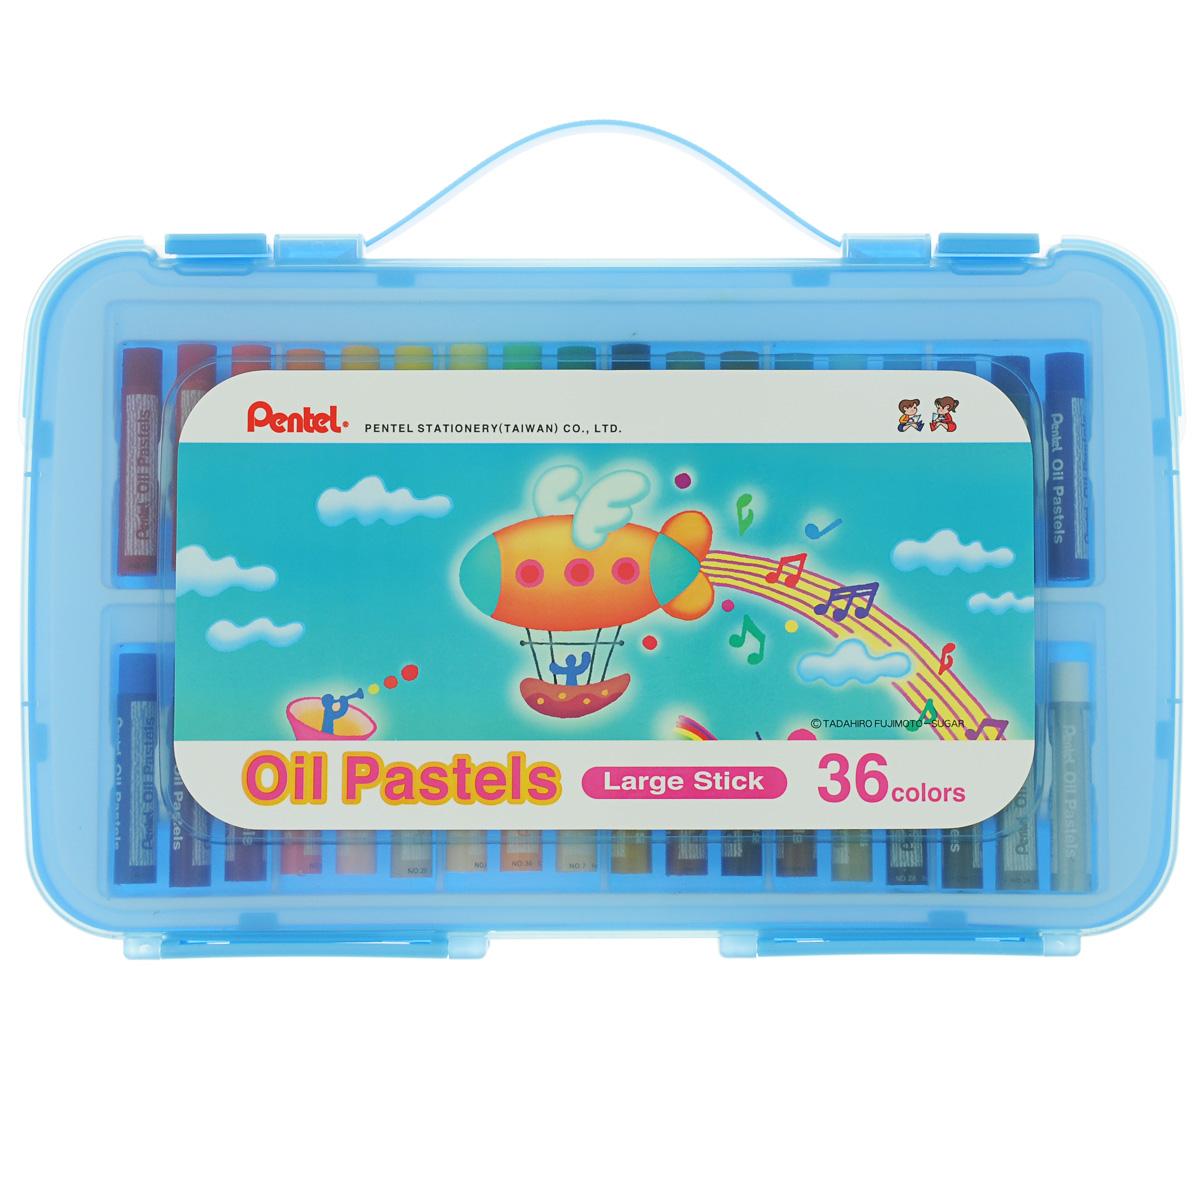 Пастель масляная Pentel Oil Pastels, в цветном боксе, 36 цветовGHTP36SПастель масляная Pentel Oil Pastels изготовлена из натуральных компонентов и не содержит вредных примесей. Соответствует европейскому стандарту качества EN71, утвержденному для детских товаров. Пастелью можно рисовать в любой технике (в сочетании с цветными карандашами, красками). При работе пастелью лучше использовать шероховатые поверхности - специальные бумаги, картон, холст. Пастель отличают яркие долговечные цвета, стойкие к воздействию света. Легко наносится на поверхность, образуя как яркие насыщенные цвета, так и легкие полутона и тени. Для удобства использования краски имеют форму мелков с увеличенным диаметром. Набор упакован в пластиковый бокс.